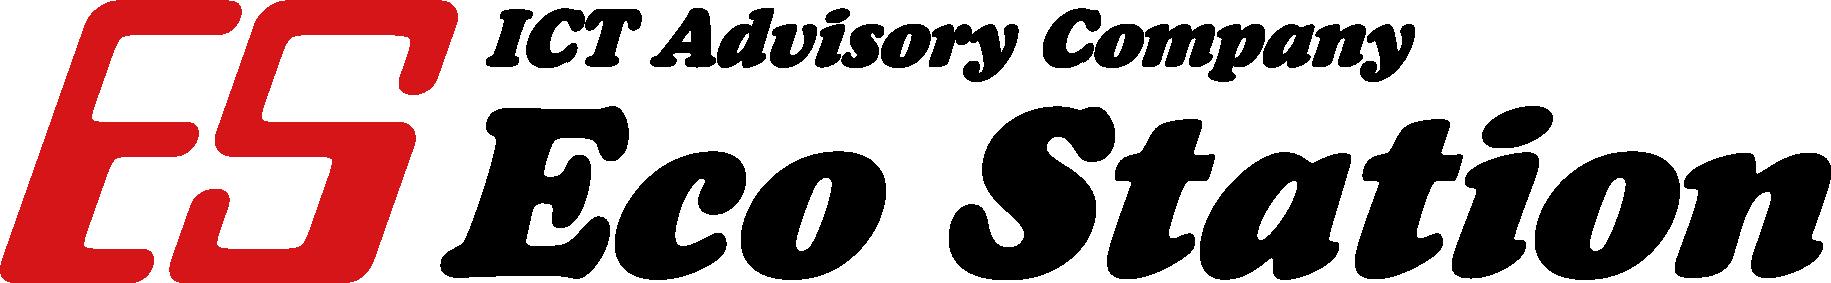 株式会社エコーステーション | キヤノンMJビジネスパートナー